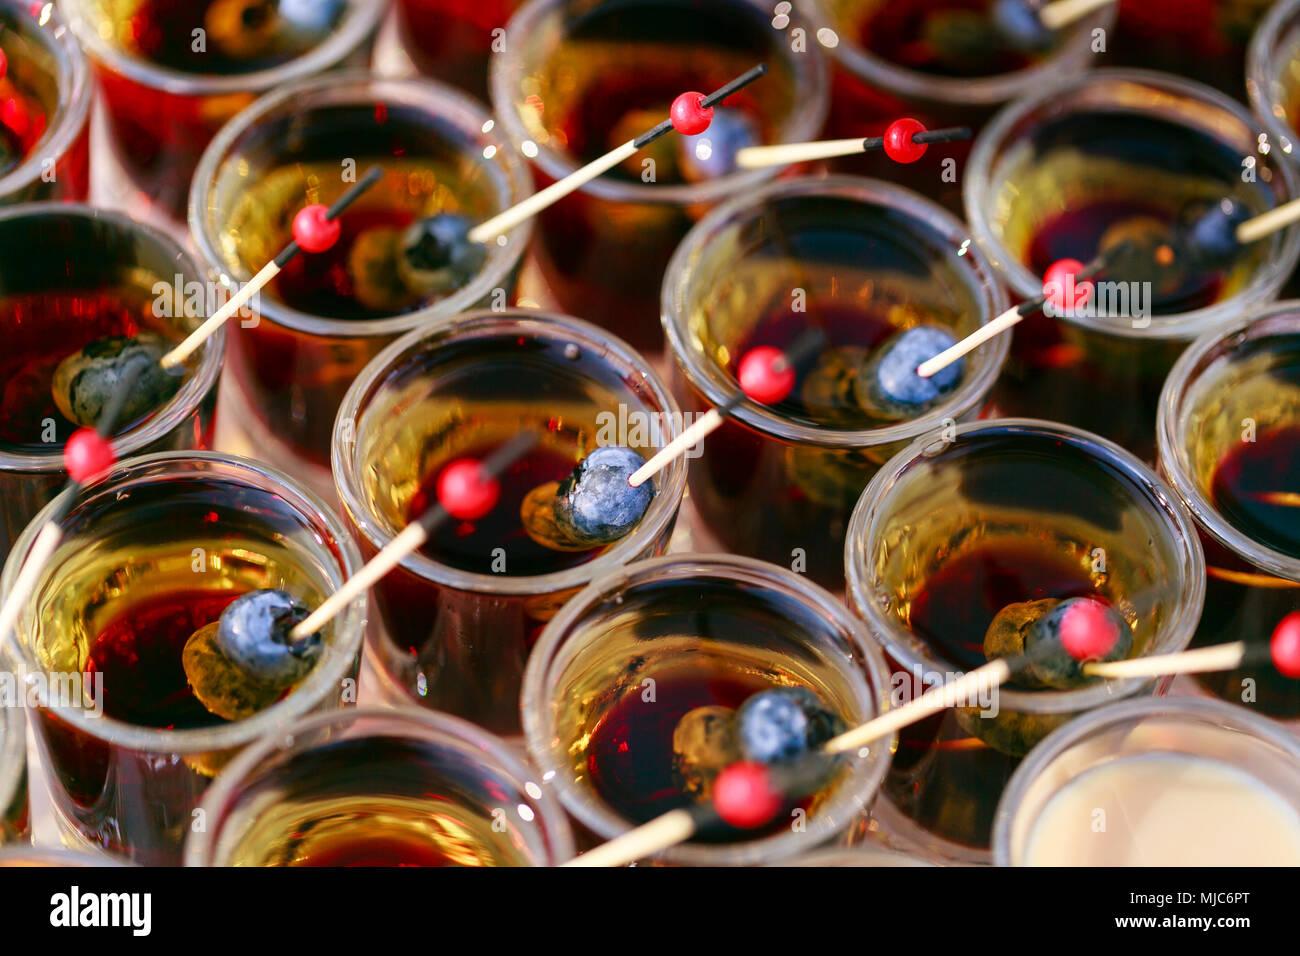 Viele bereit, alkoholische und nicht alkoholische Getränke. Schuß cocktails Stack mit Berry. Schokolade Cocktail und Cremelikör. Party im Freien Stockbild